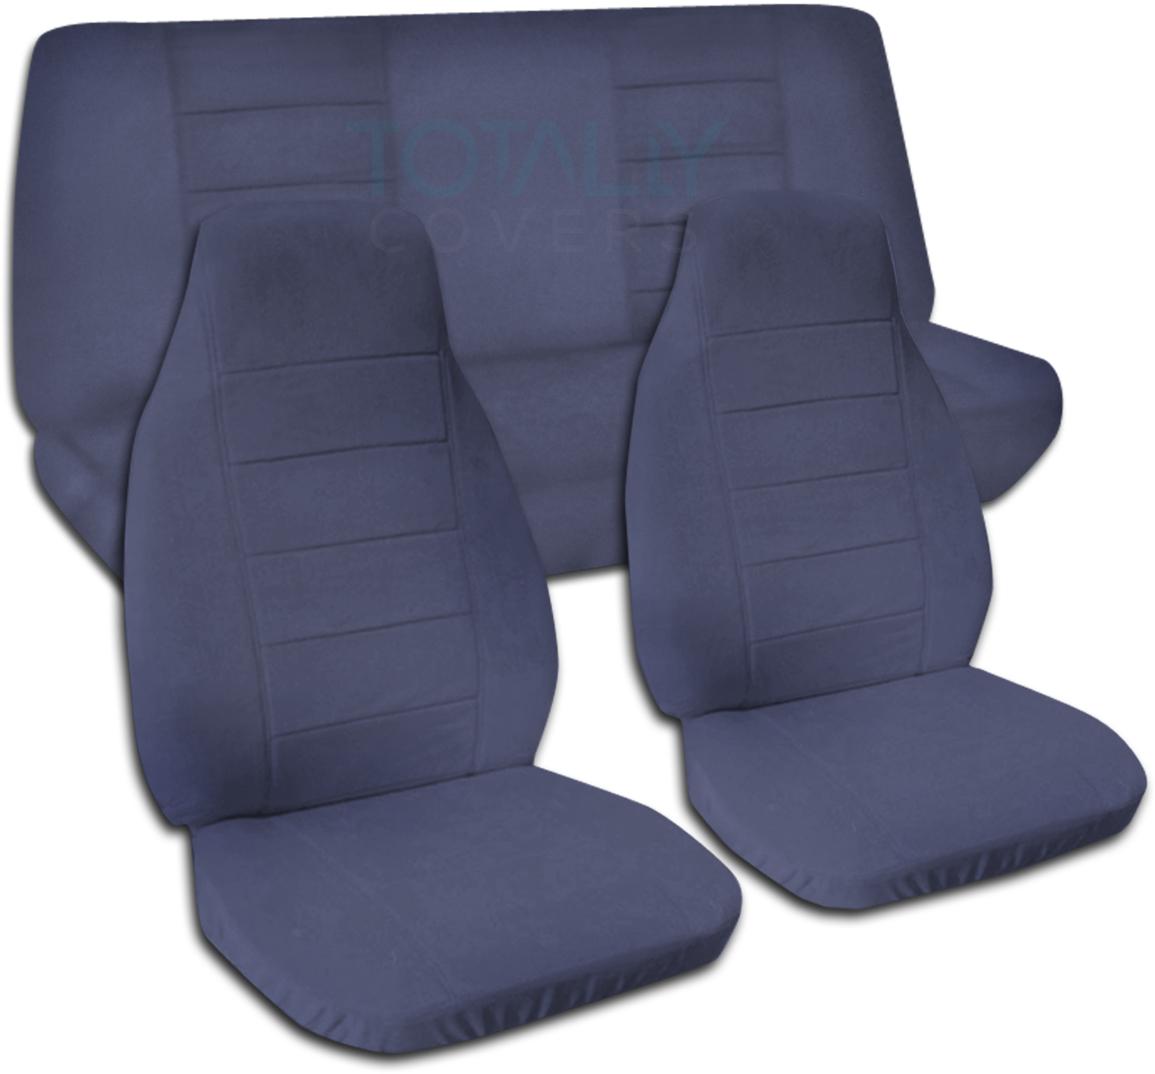 jeep wrangler yj tj jk 1987 2017 solid color seat covers full set front rear. Black Bedroom Furniture Sets. Home Design Ideas